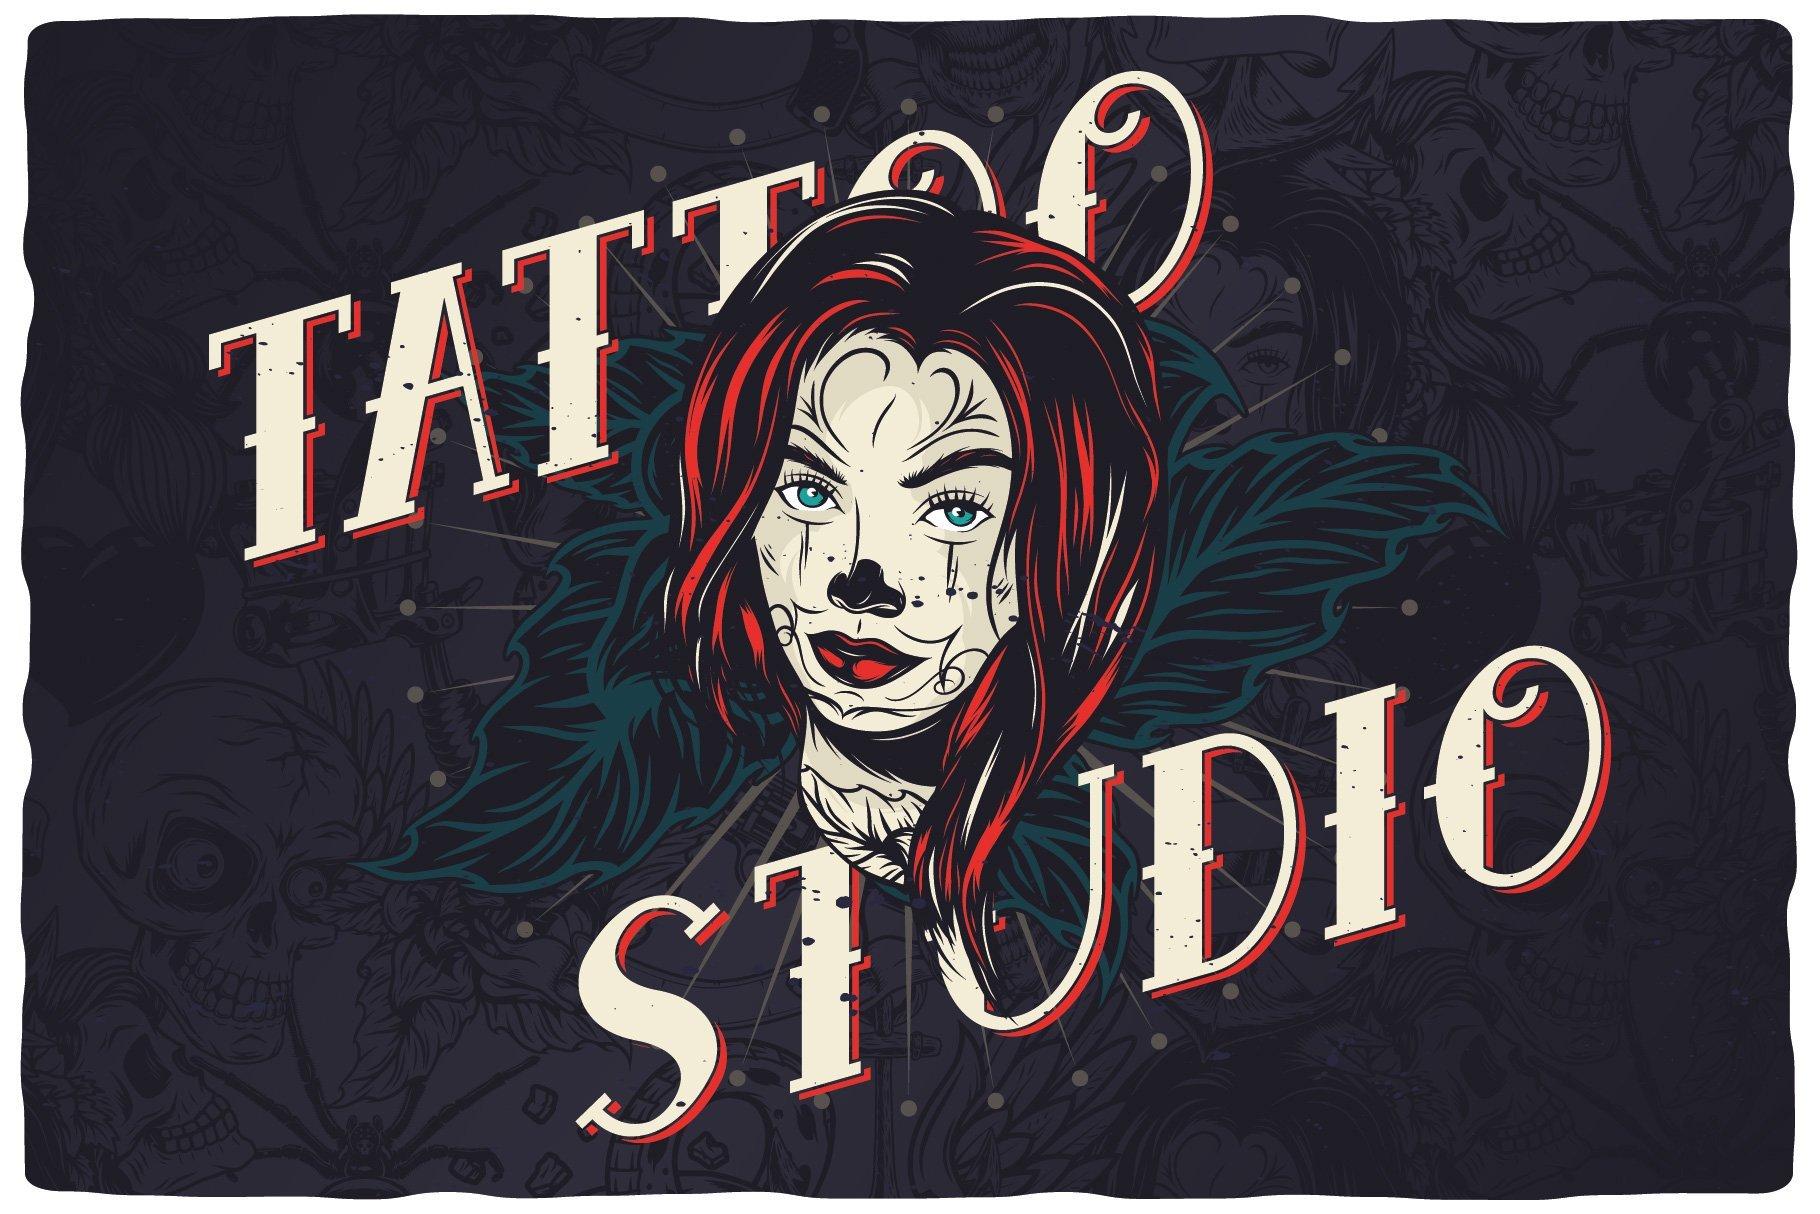 Font for tattoo studio.